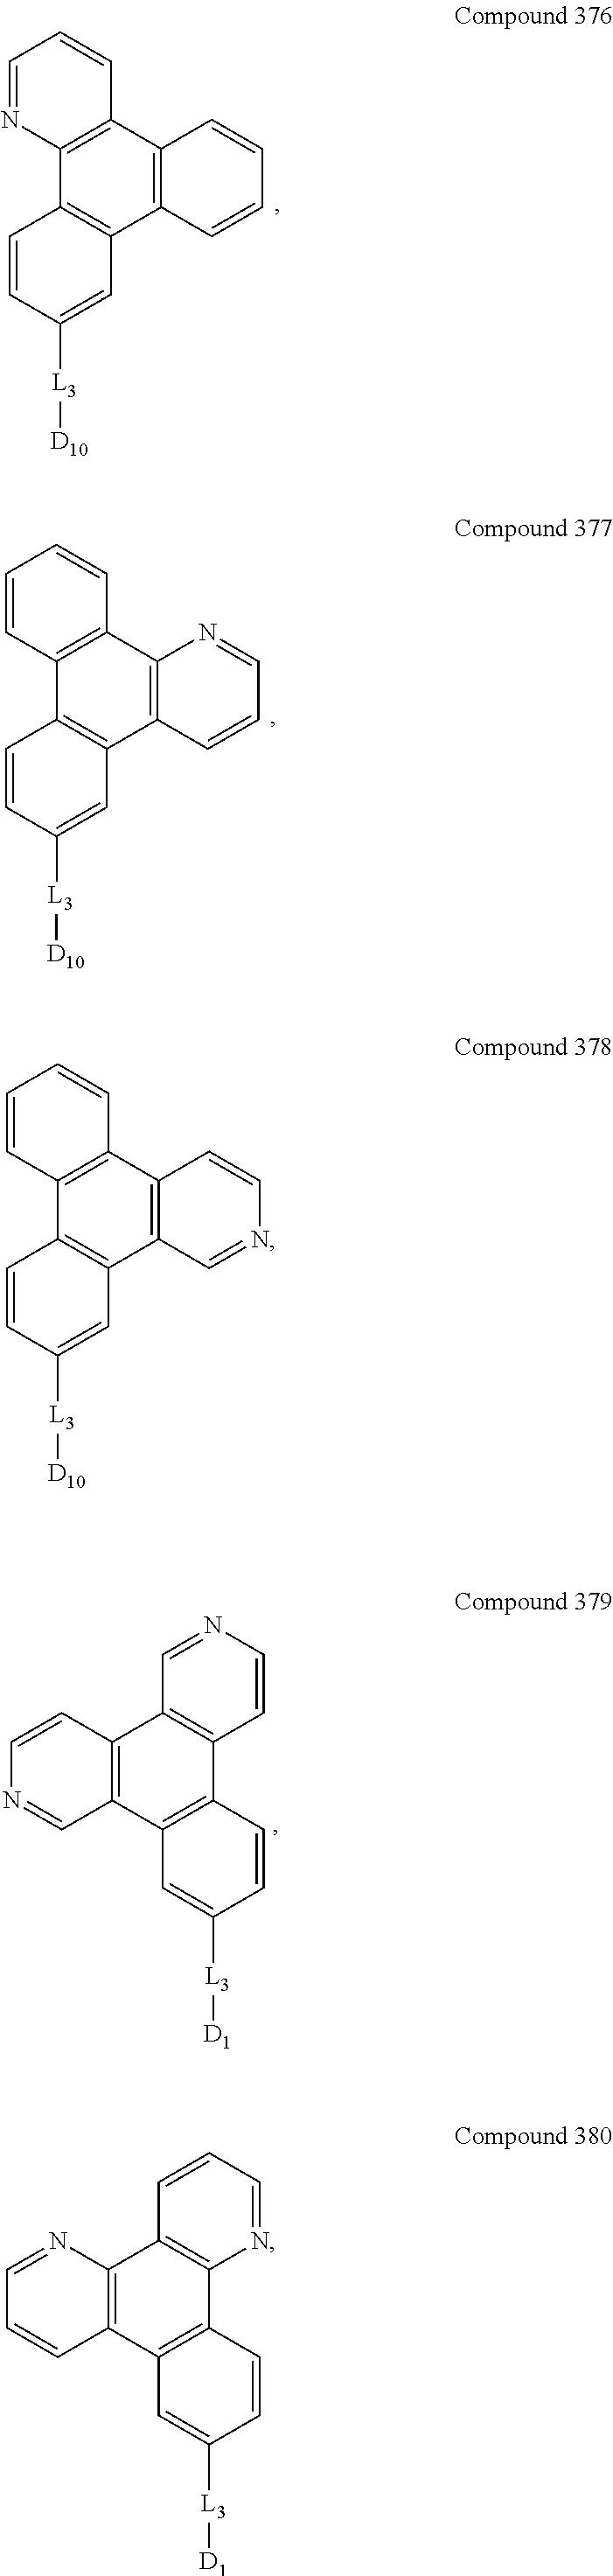 Figure US09537106-20170103-C00103